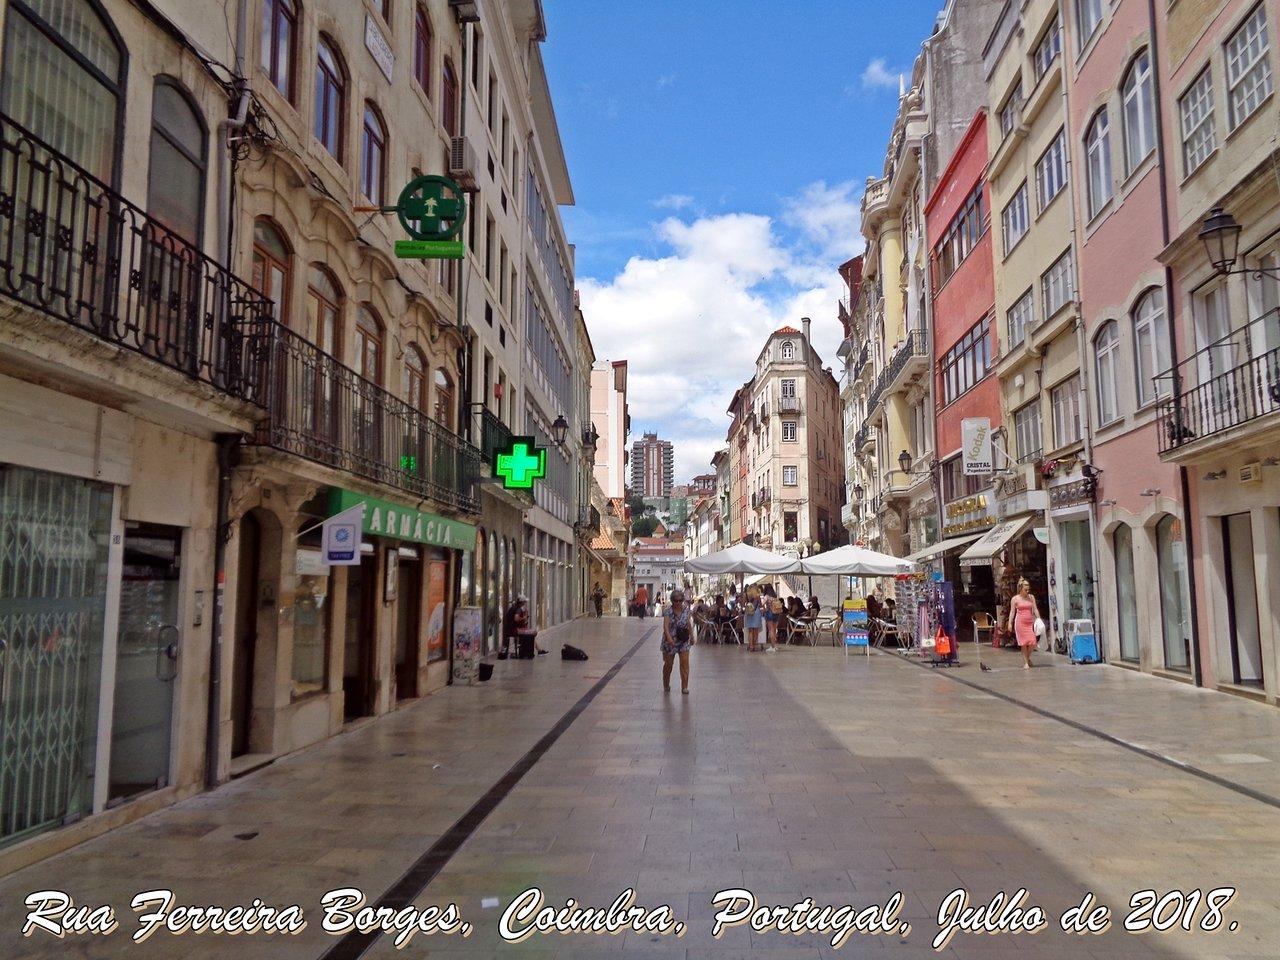 Rua Ferreira Borges Coimbra Atualizado 2020 O Que Saber Antes